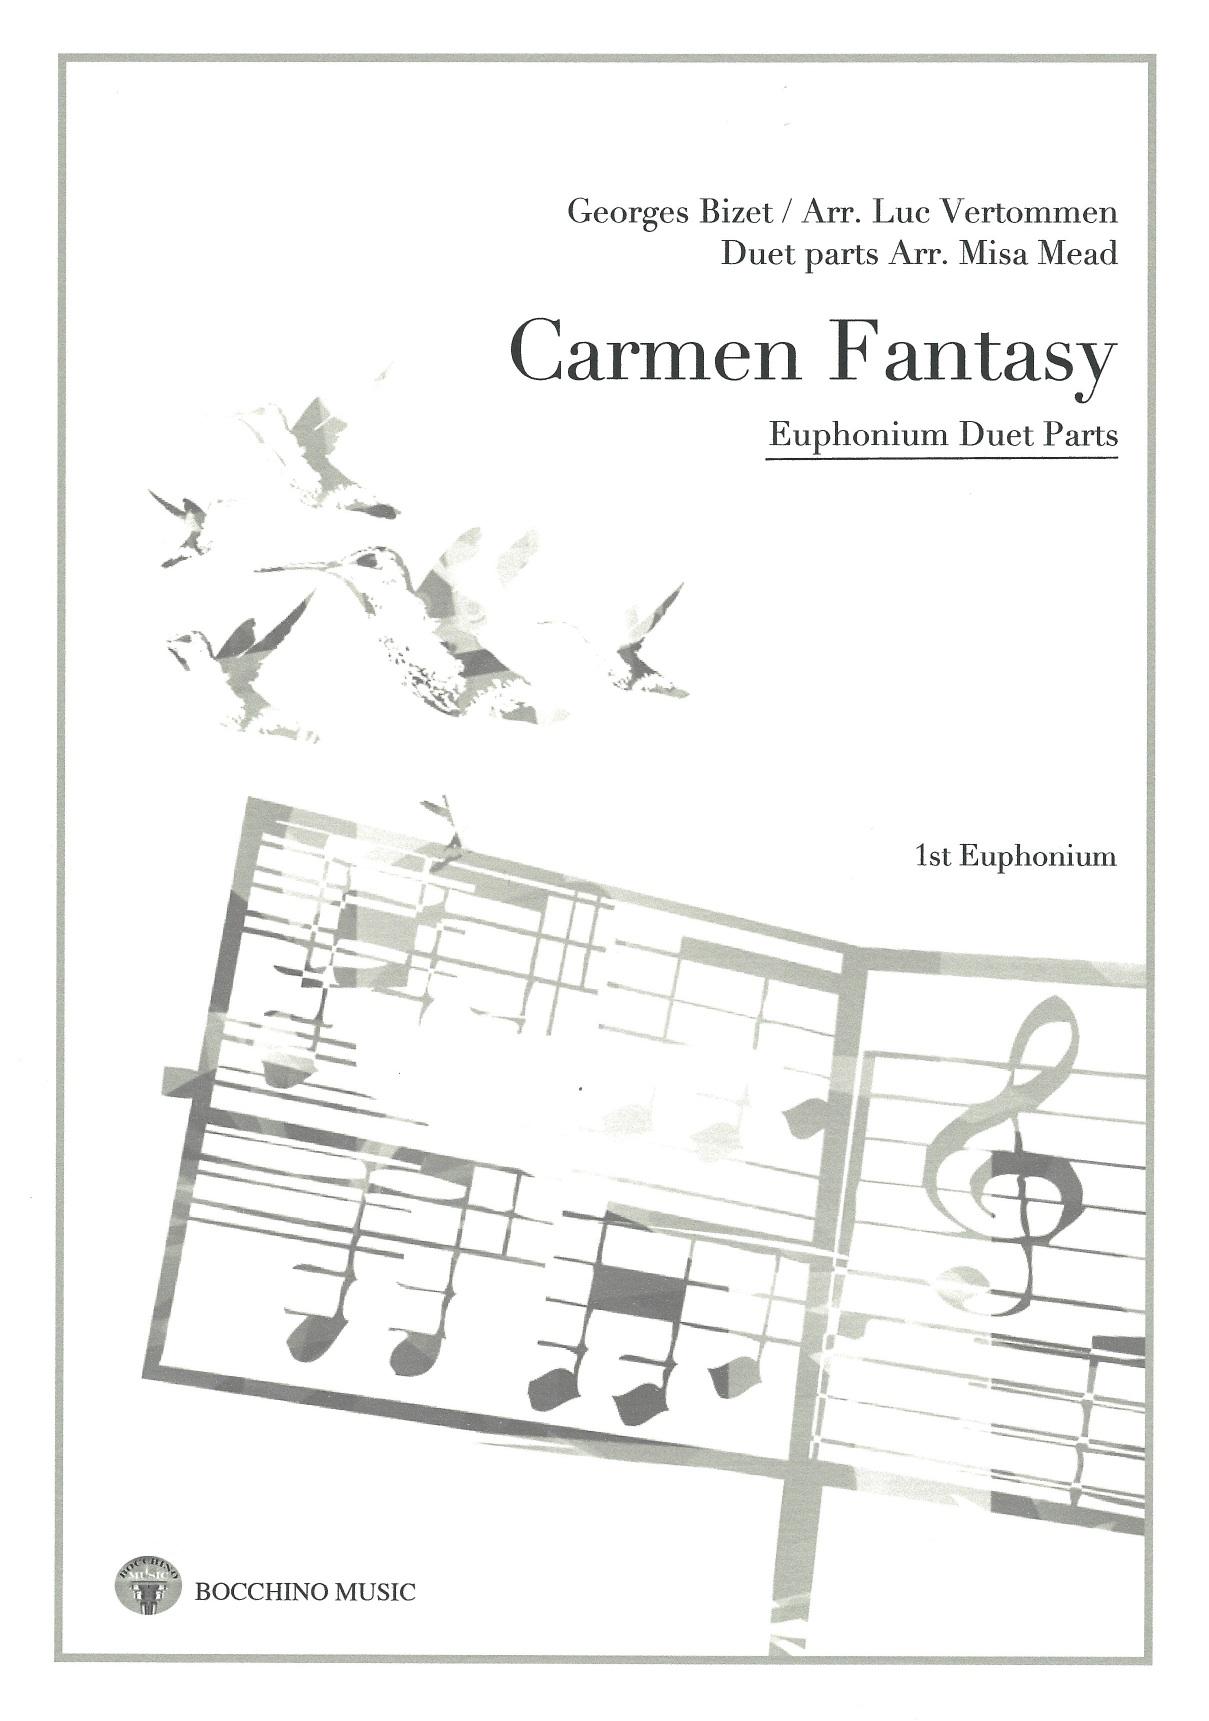 Carmen Fantasy - euphonium duet parts - George Bizet Arr. Misa Mead